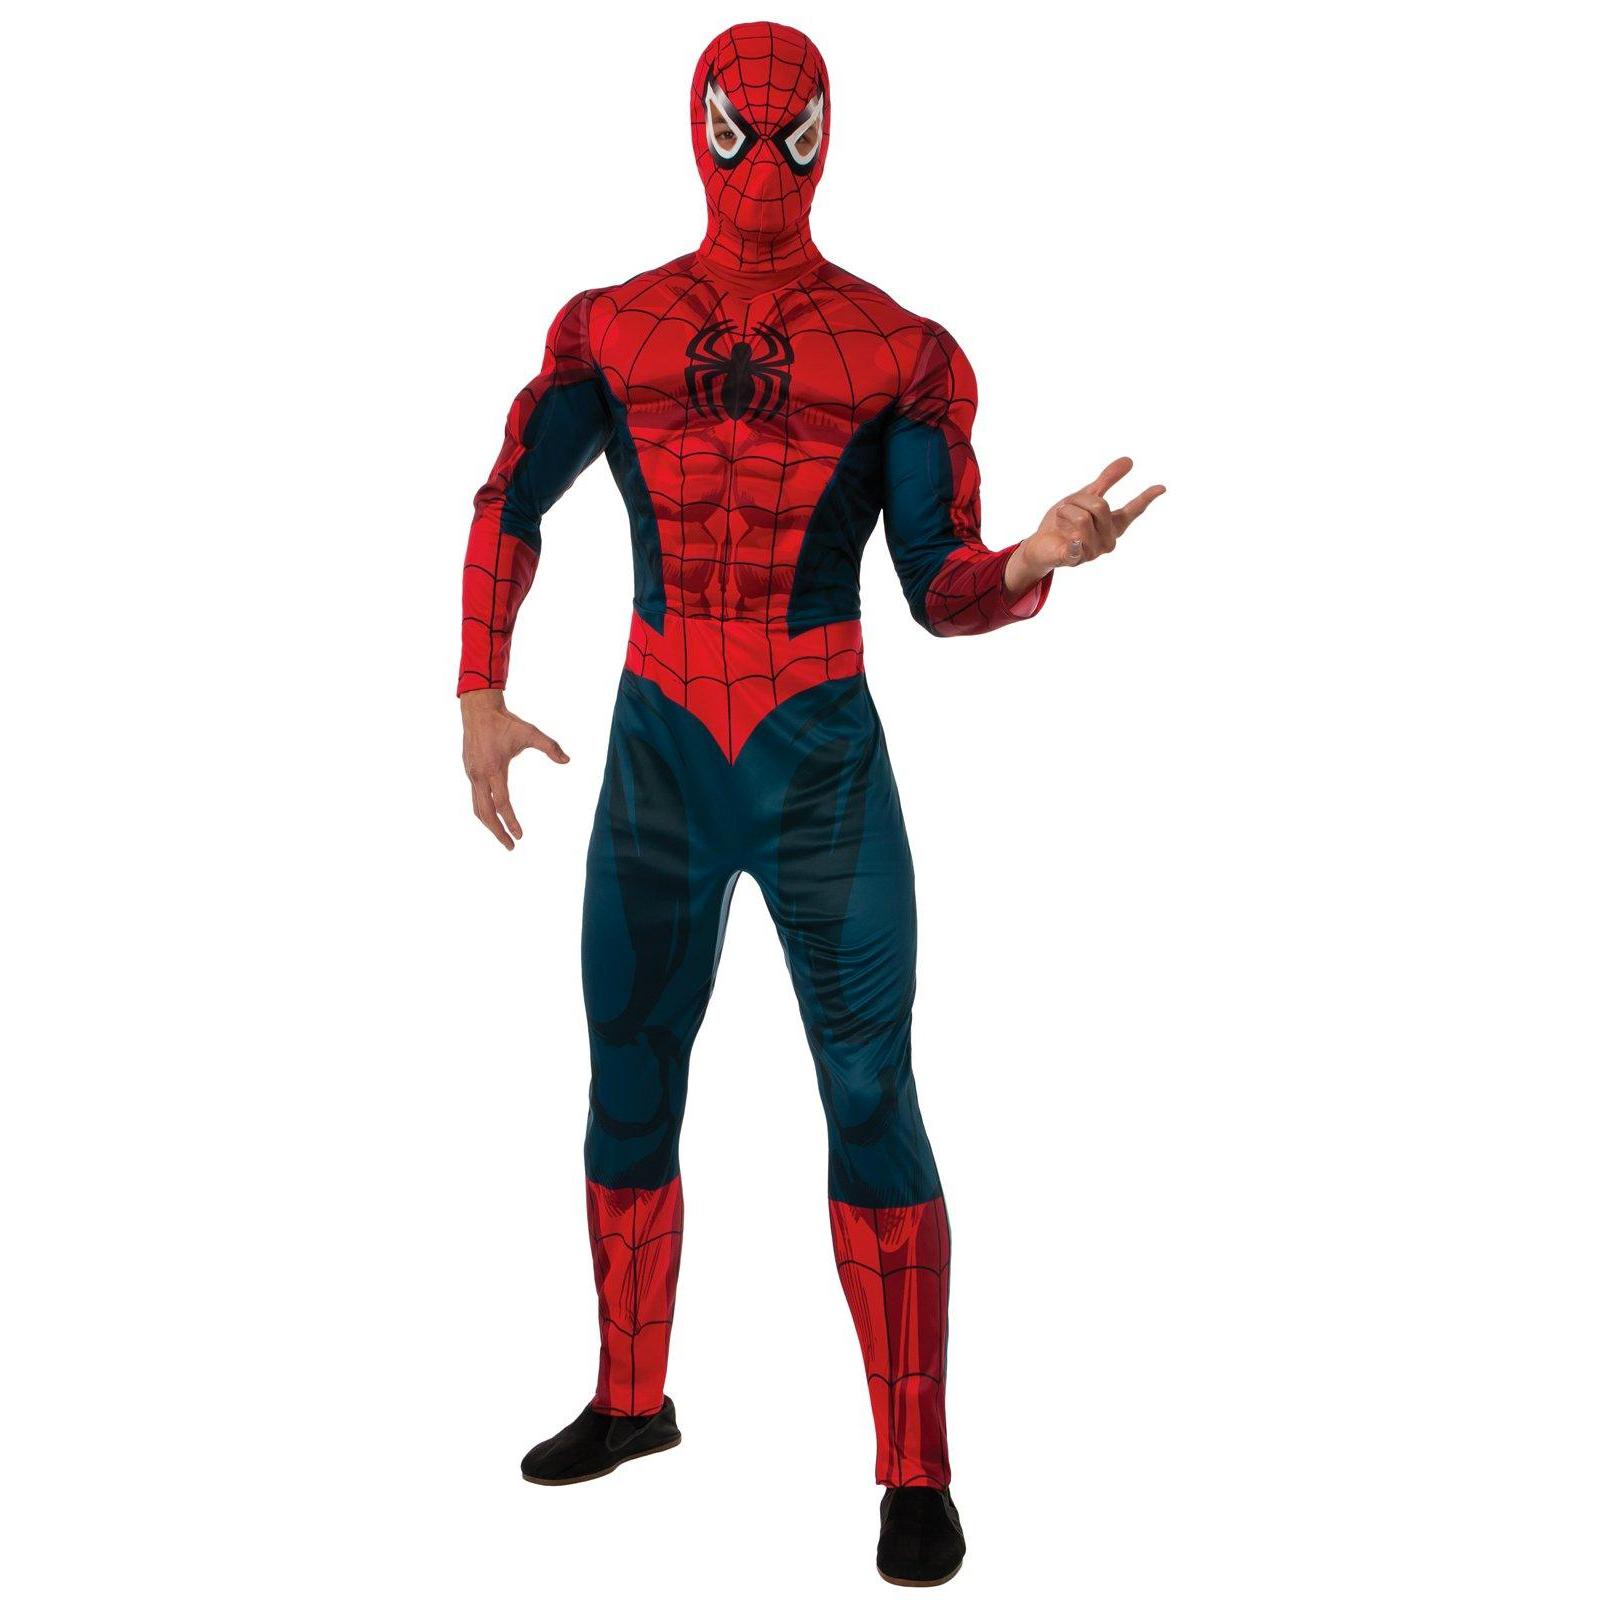 The Top 10 Best Men's Costumes for 2017 - Halloween ...